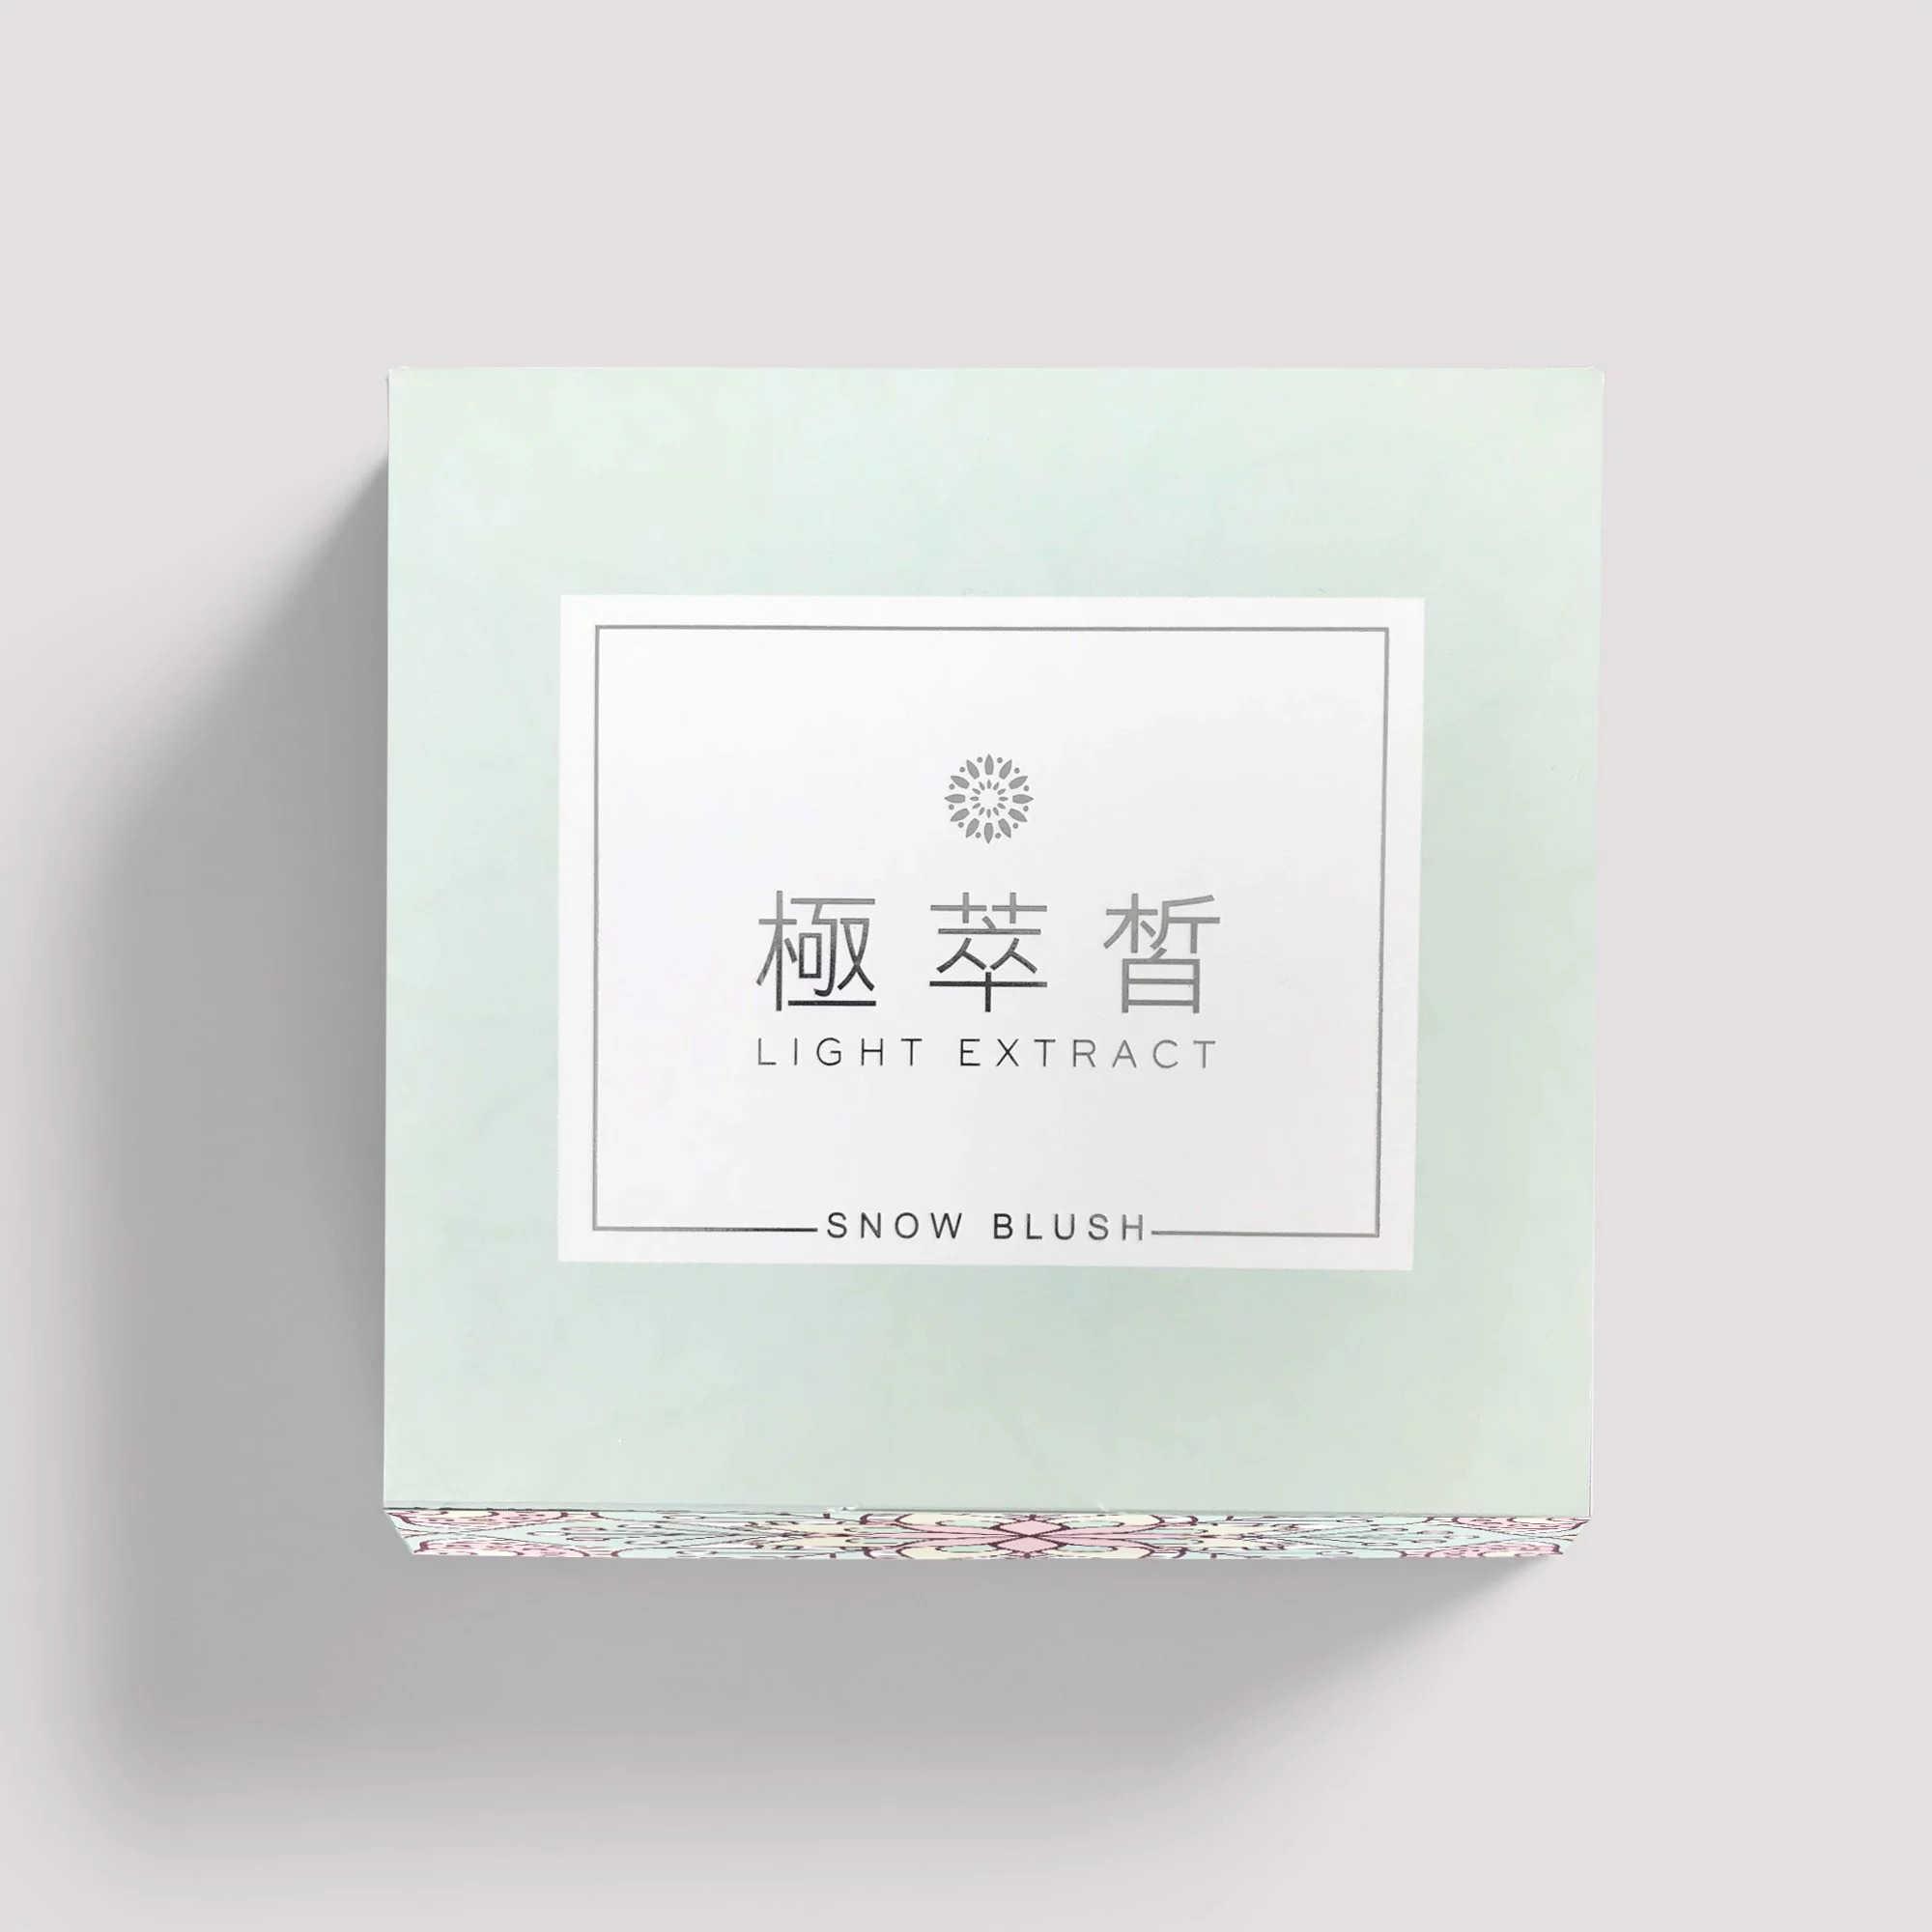 【極萃皙】三代粉末國際限定版18包/盒 (正貨)